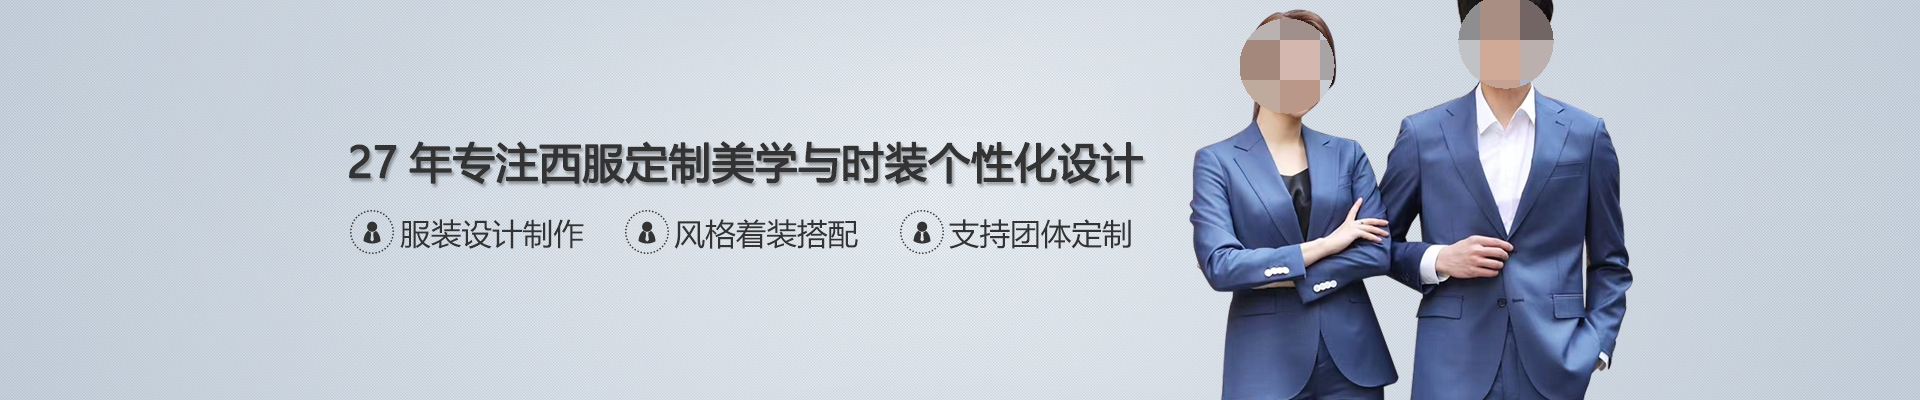 淮安市锦熠西服定制有限公司公司介绍